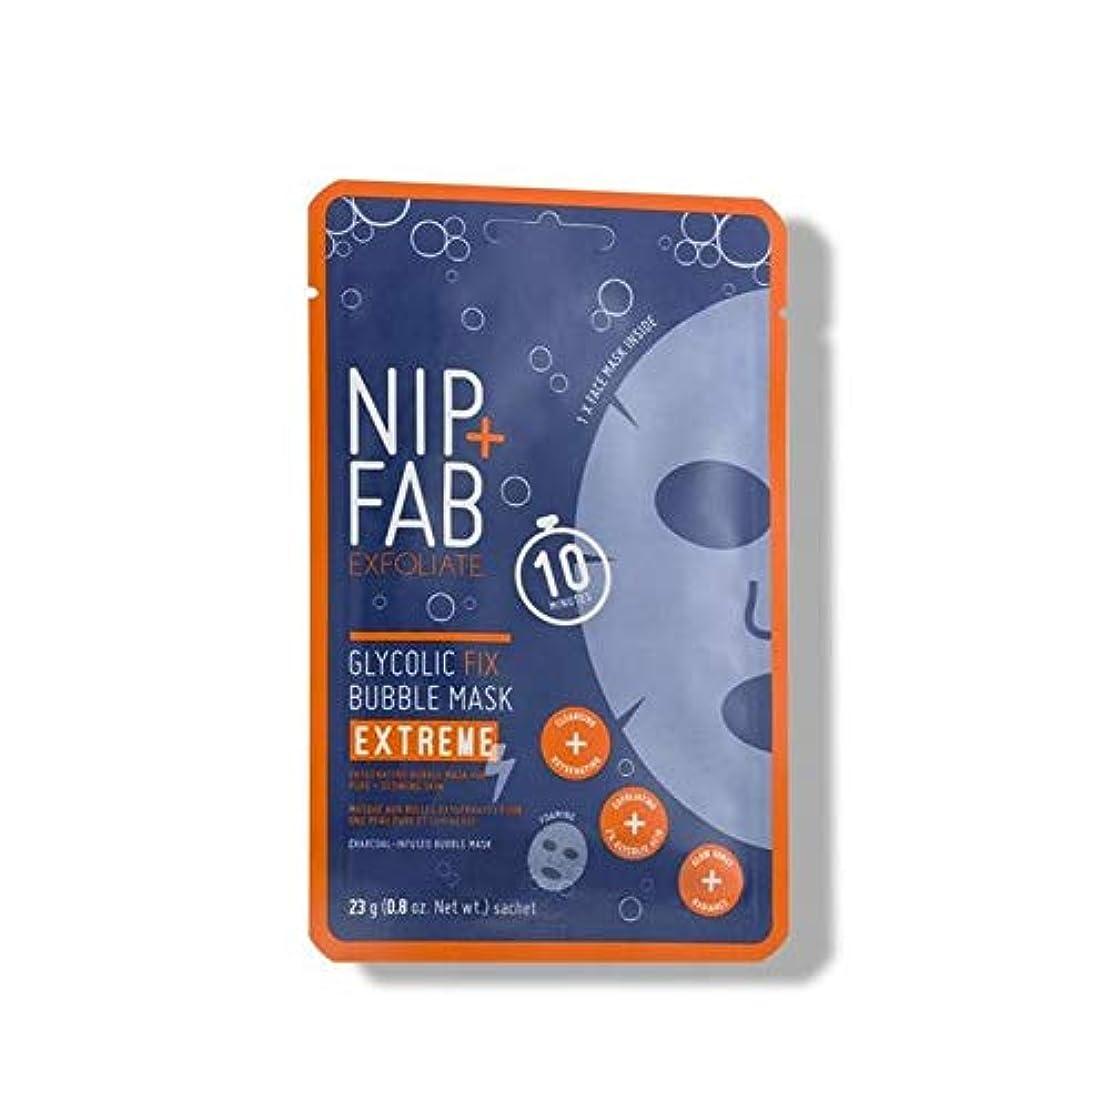 賞胚嫌がらせ[Nip & Fab] + Fabグリコール修正極端なバブルフェイスマスクニップ - Nip+Fab Glycolic Fix Extreme Bubble Face Mask [並行輸入品]